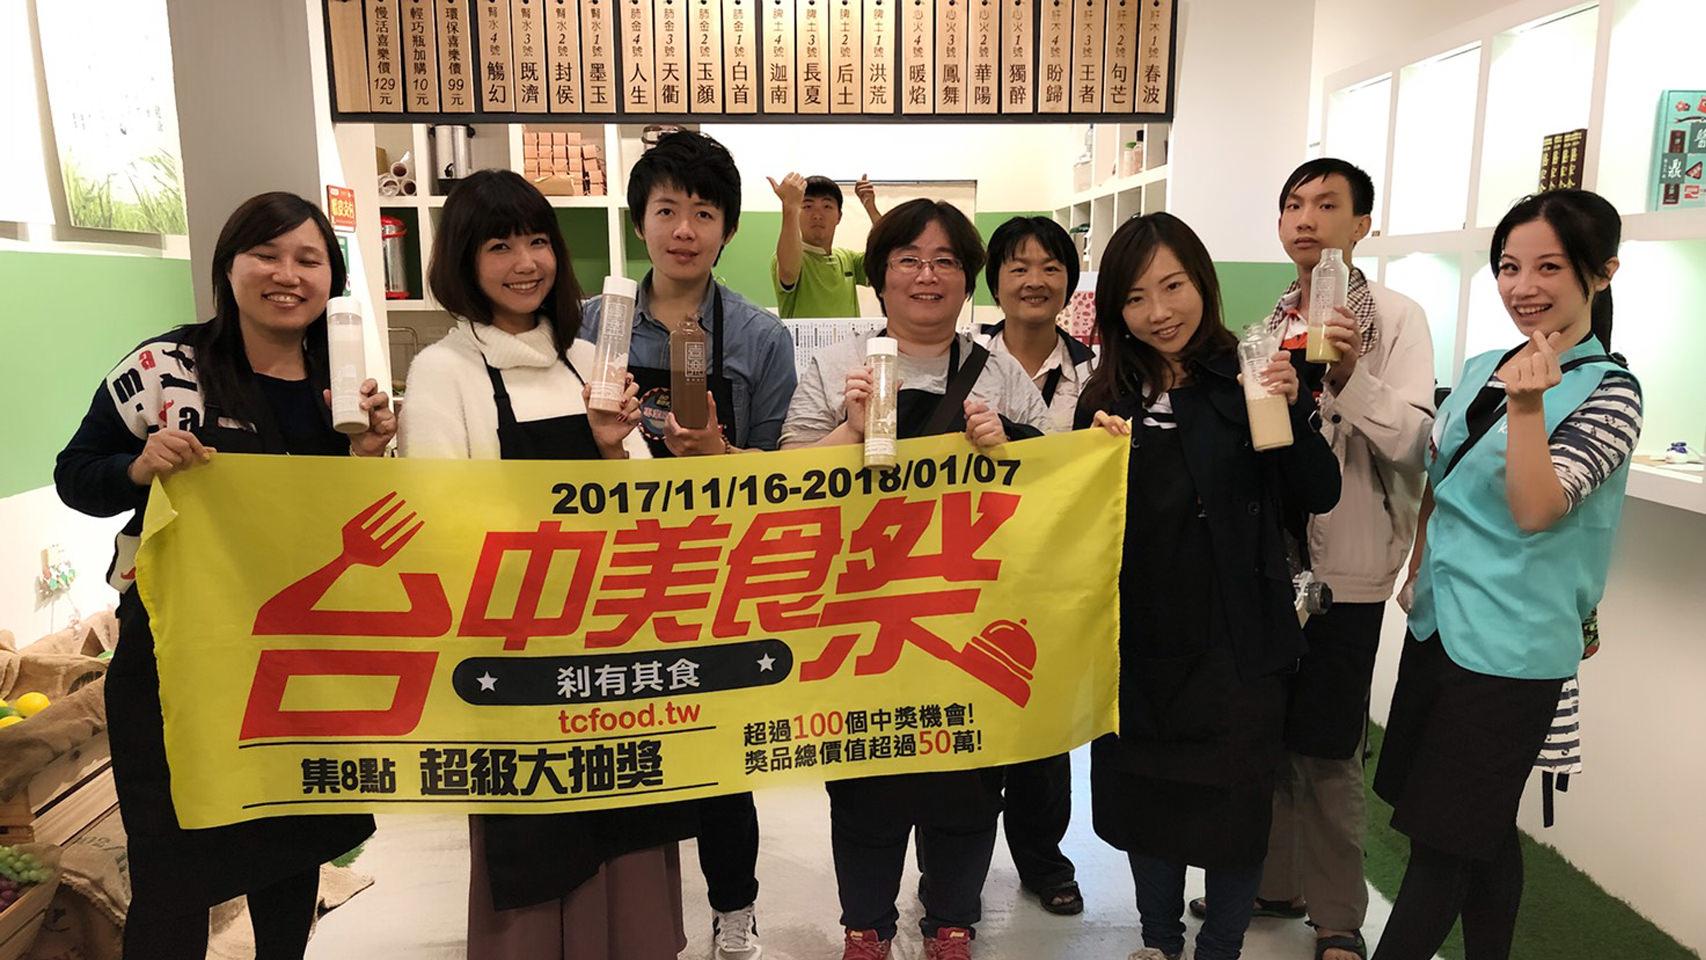 台中美食祭×KKDAY美食專車